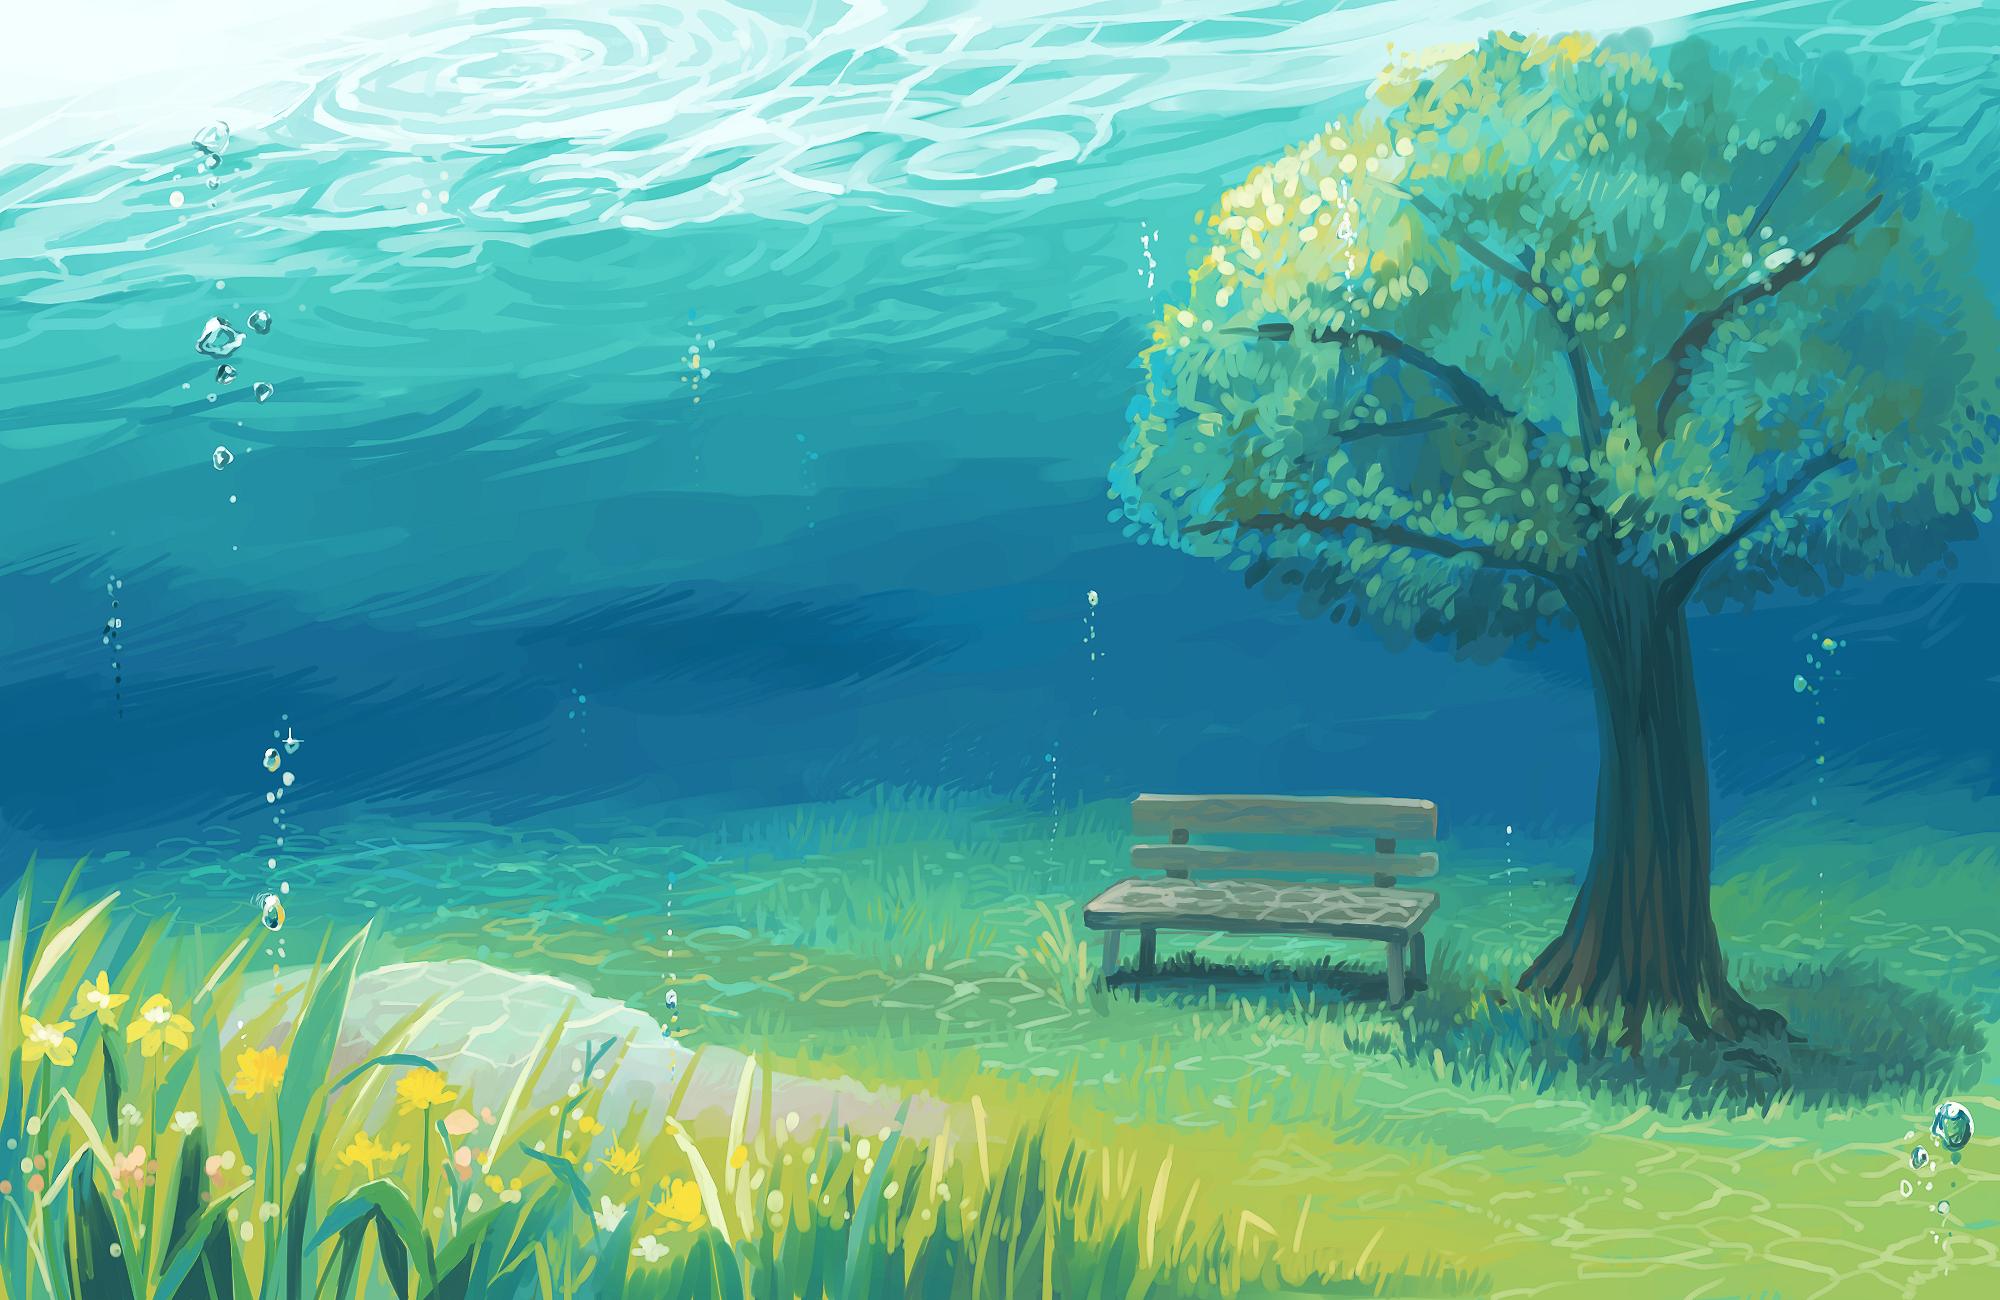 Anime Landscape Underwater Tree Grass Anime Nature Desktop Wallpaper Anime Wallpaper Scenery Wallpaper